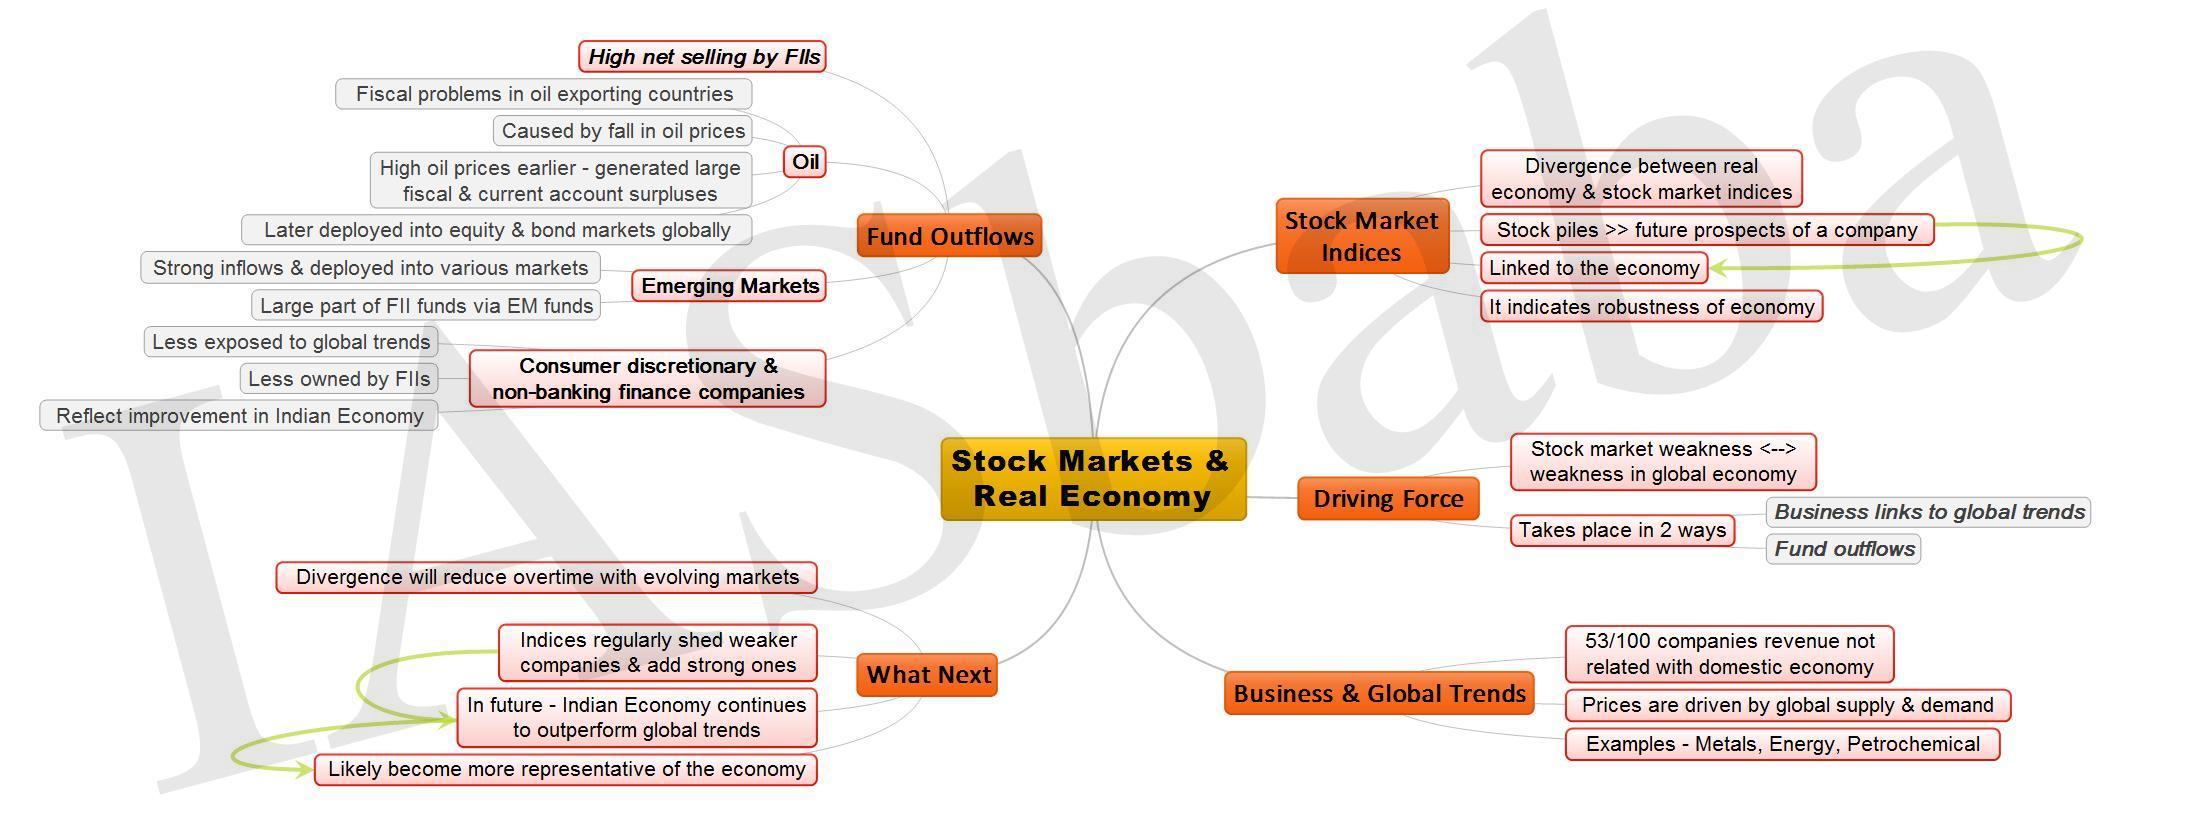 Stock Markets  Real Economy JPEG